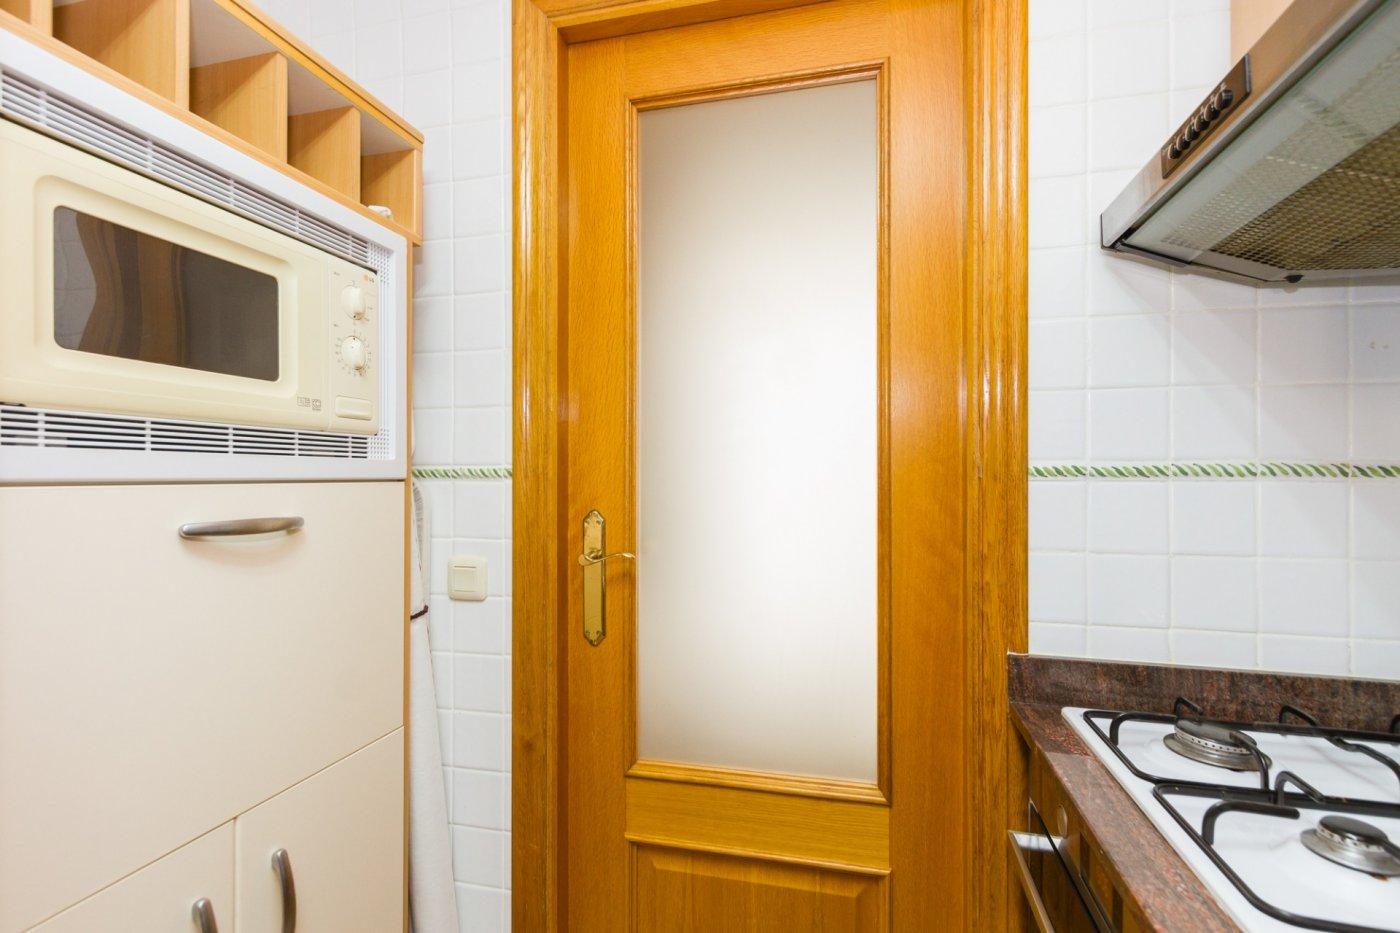 Venta de apartamento en xeraco - imagenInmueble12